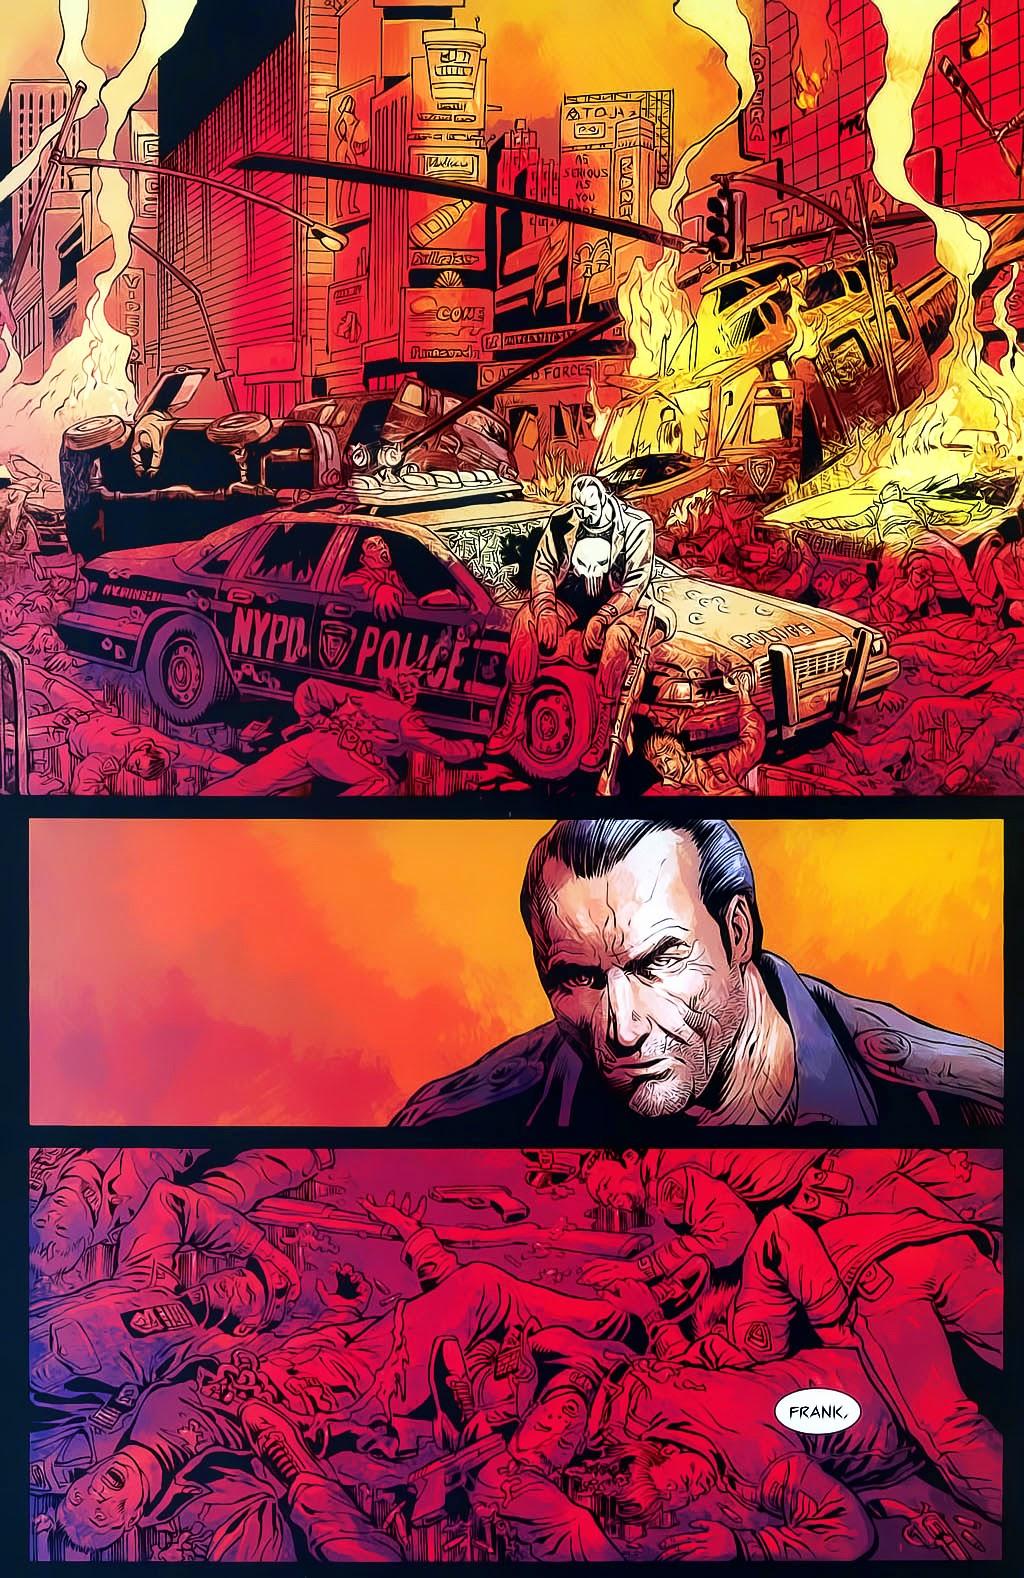 The Punisher: Trên là Dưới & Trắng là Đen chap 4 - Trang 6